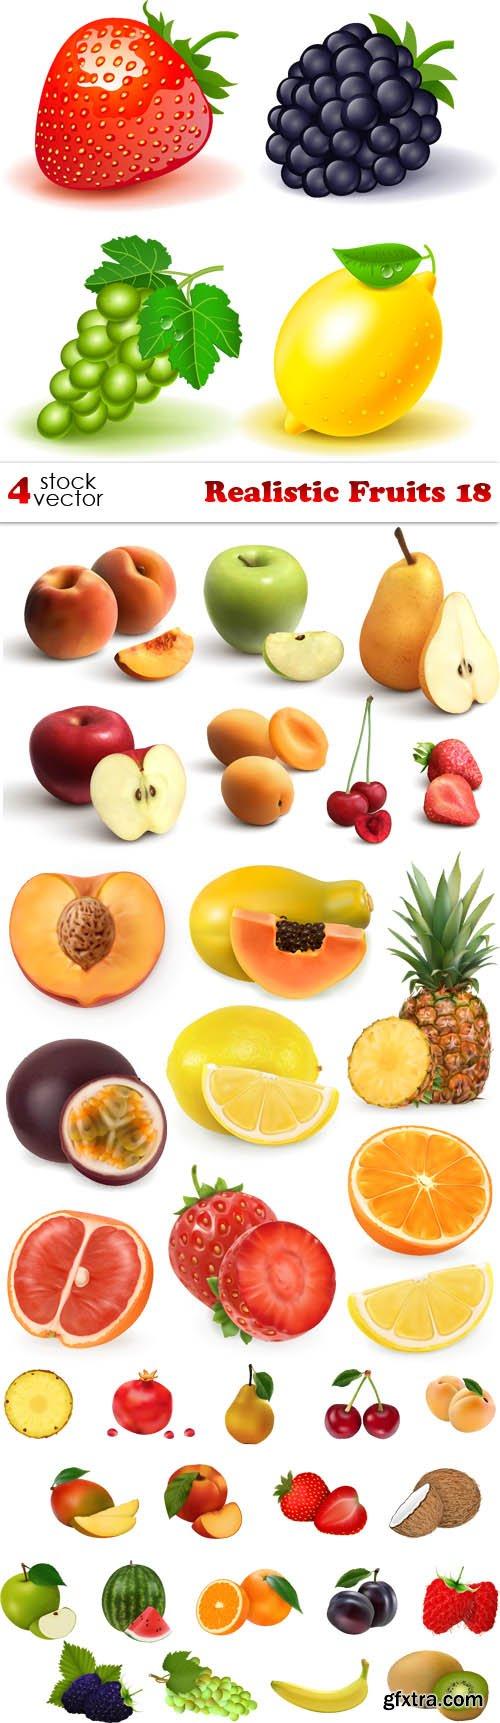 Vectors - Realistic Fruits 18